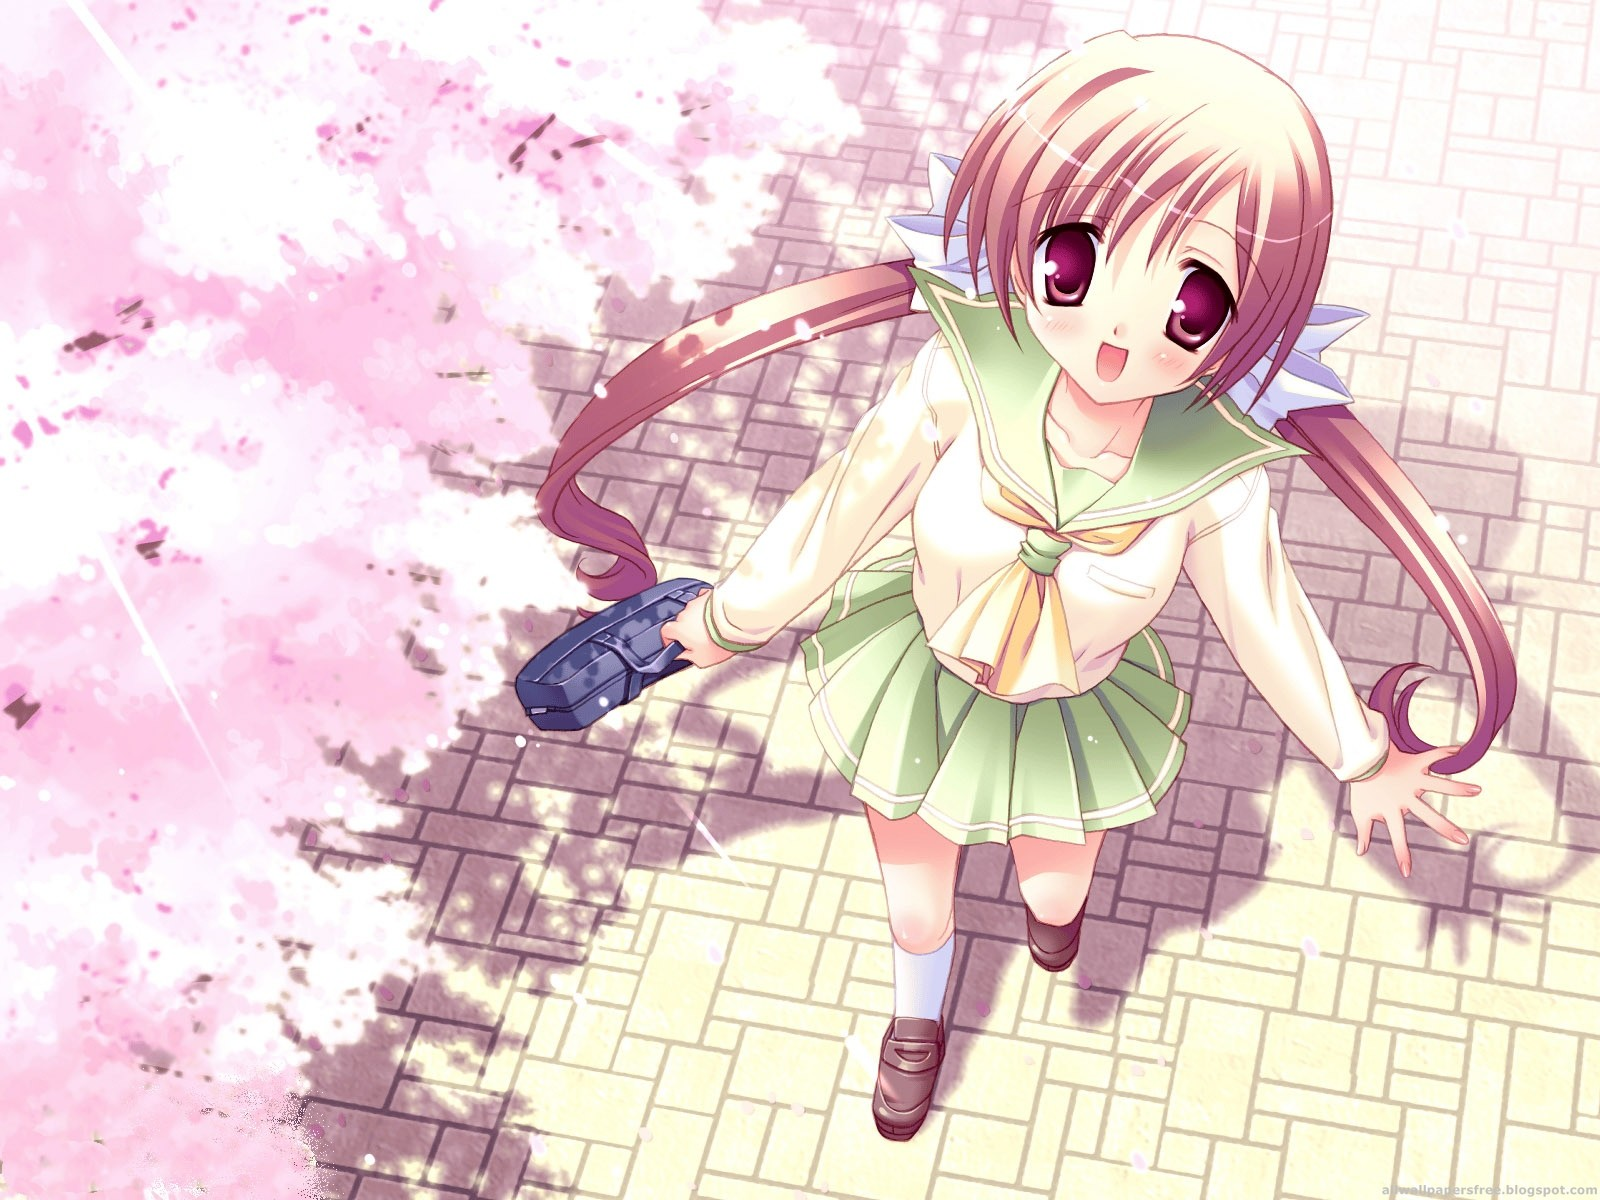 Anime girl spring blossoms